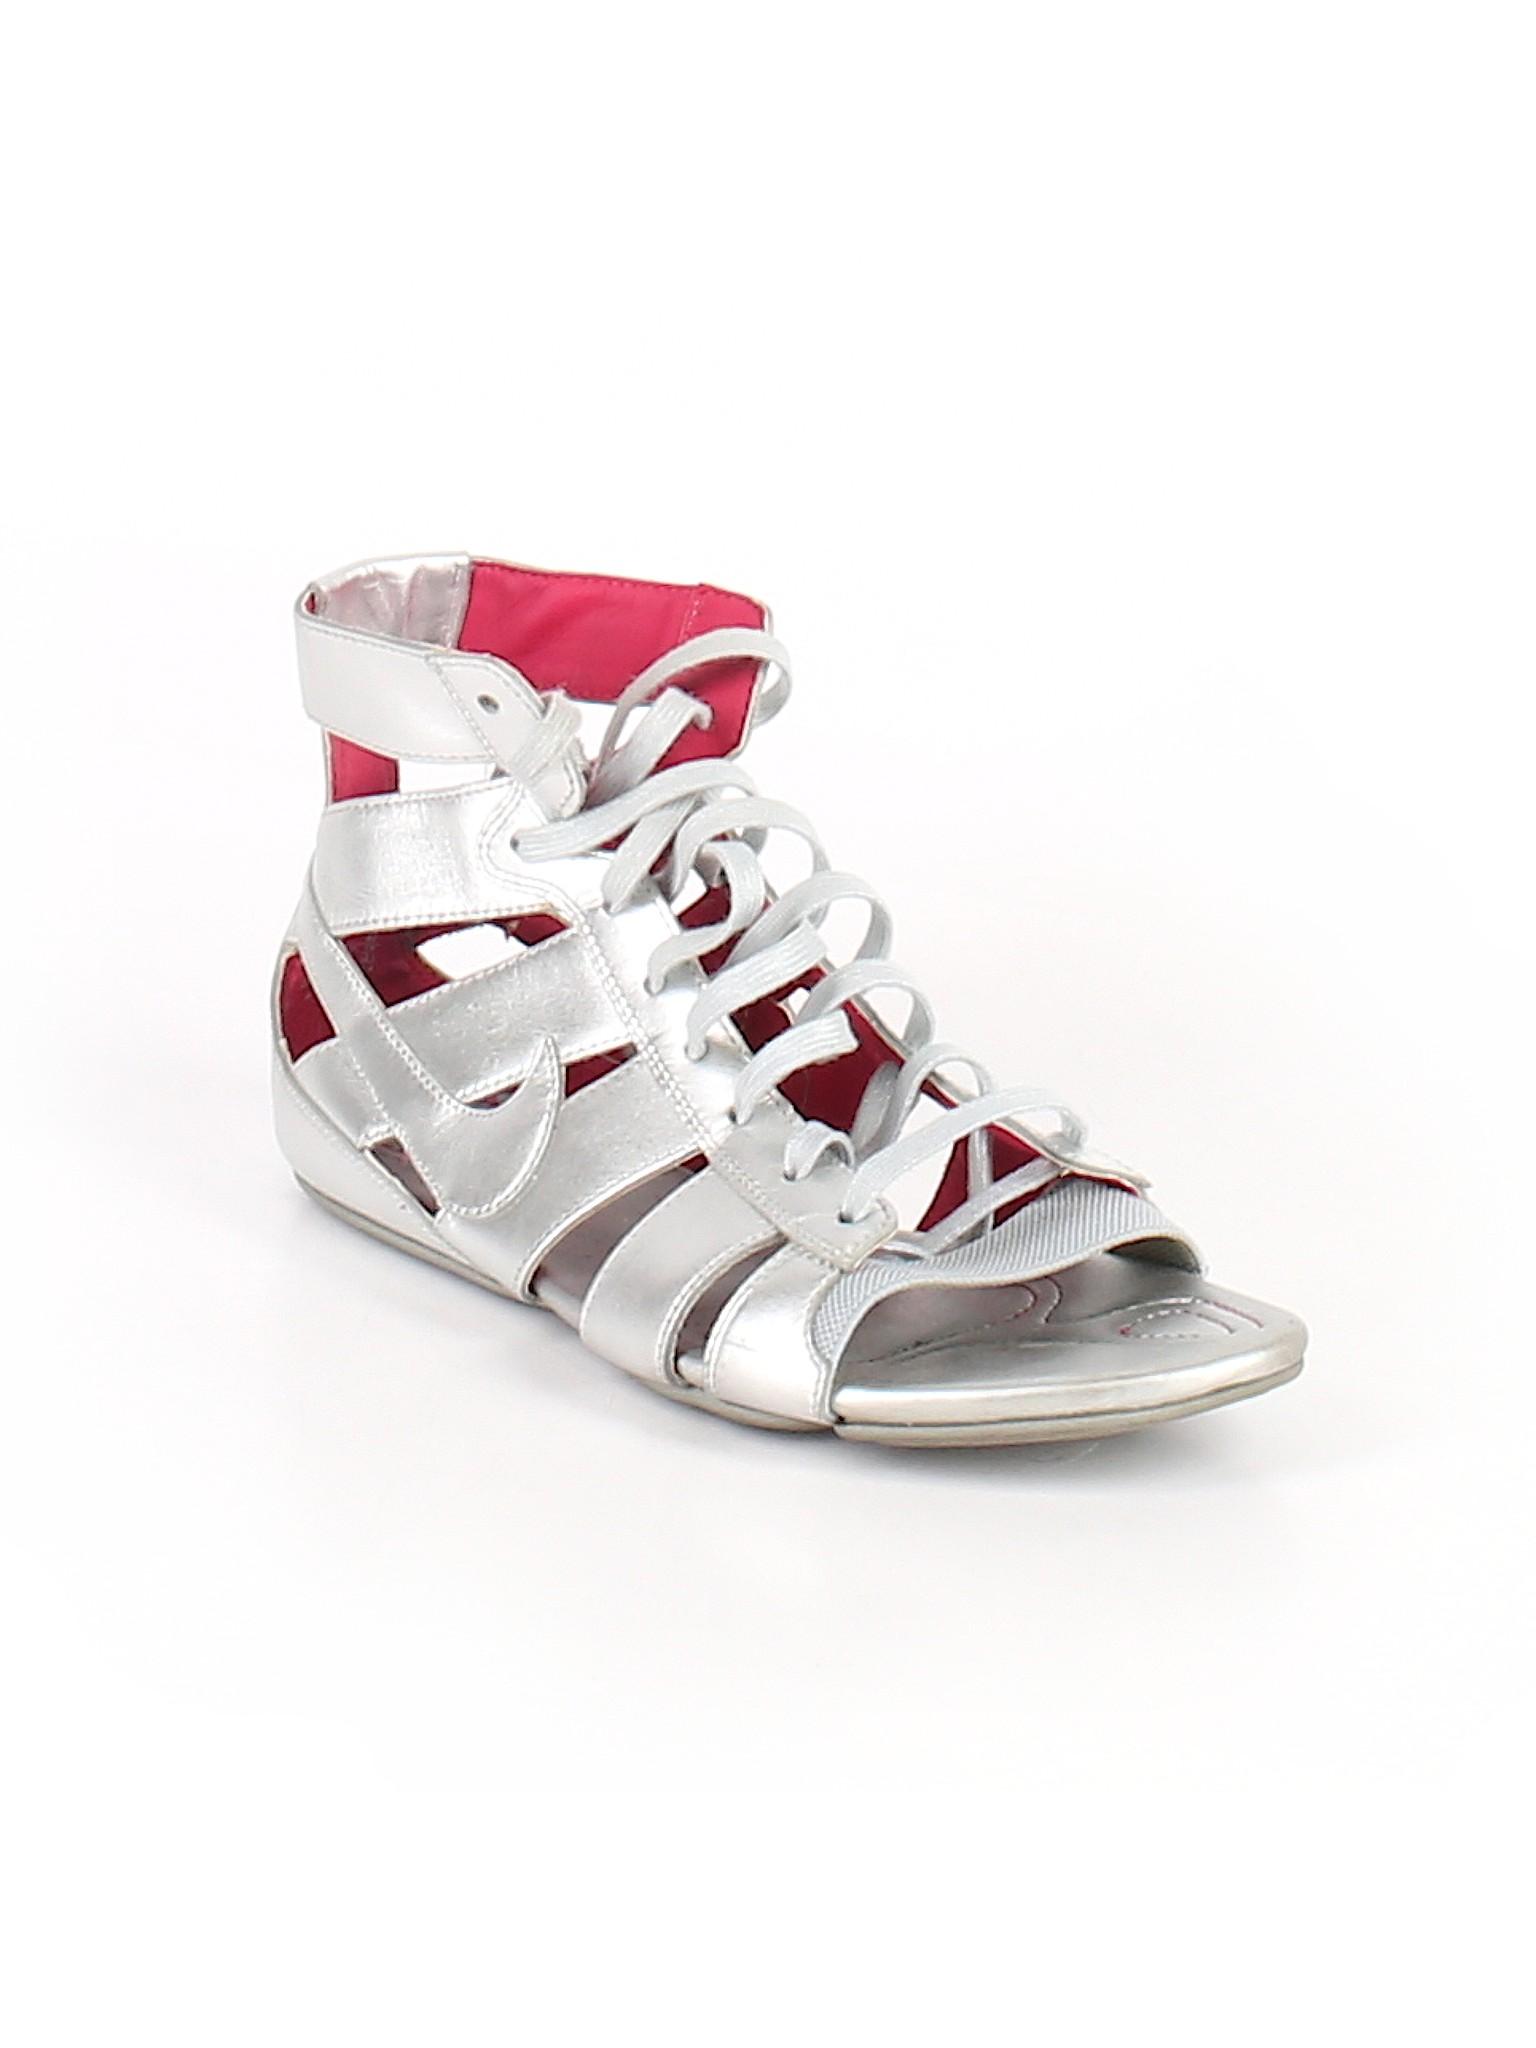 Sandals Boutique promotion Boutique promotion Nike PIzgcwq